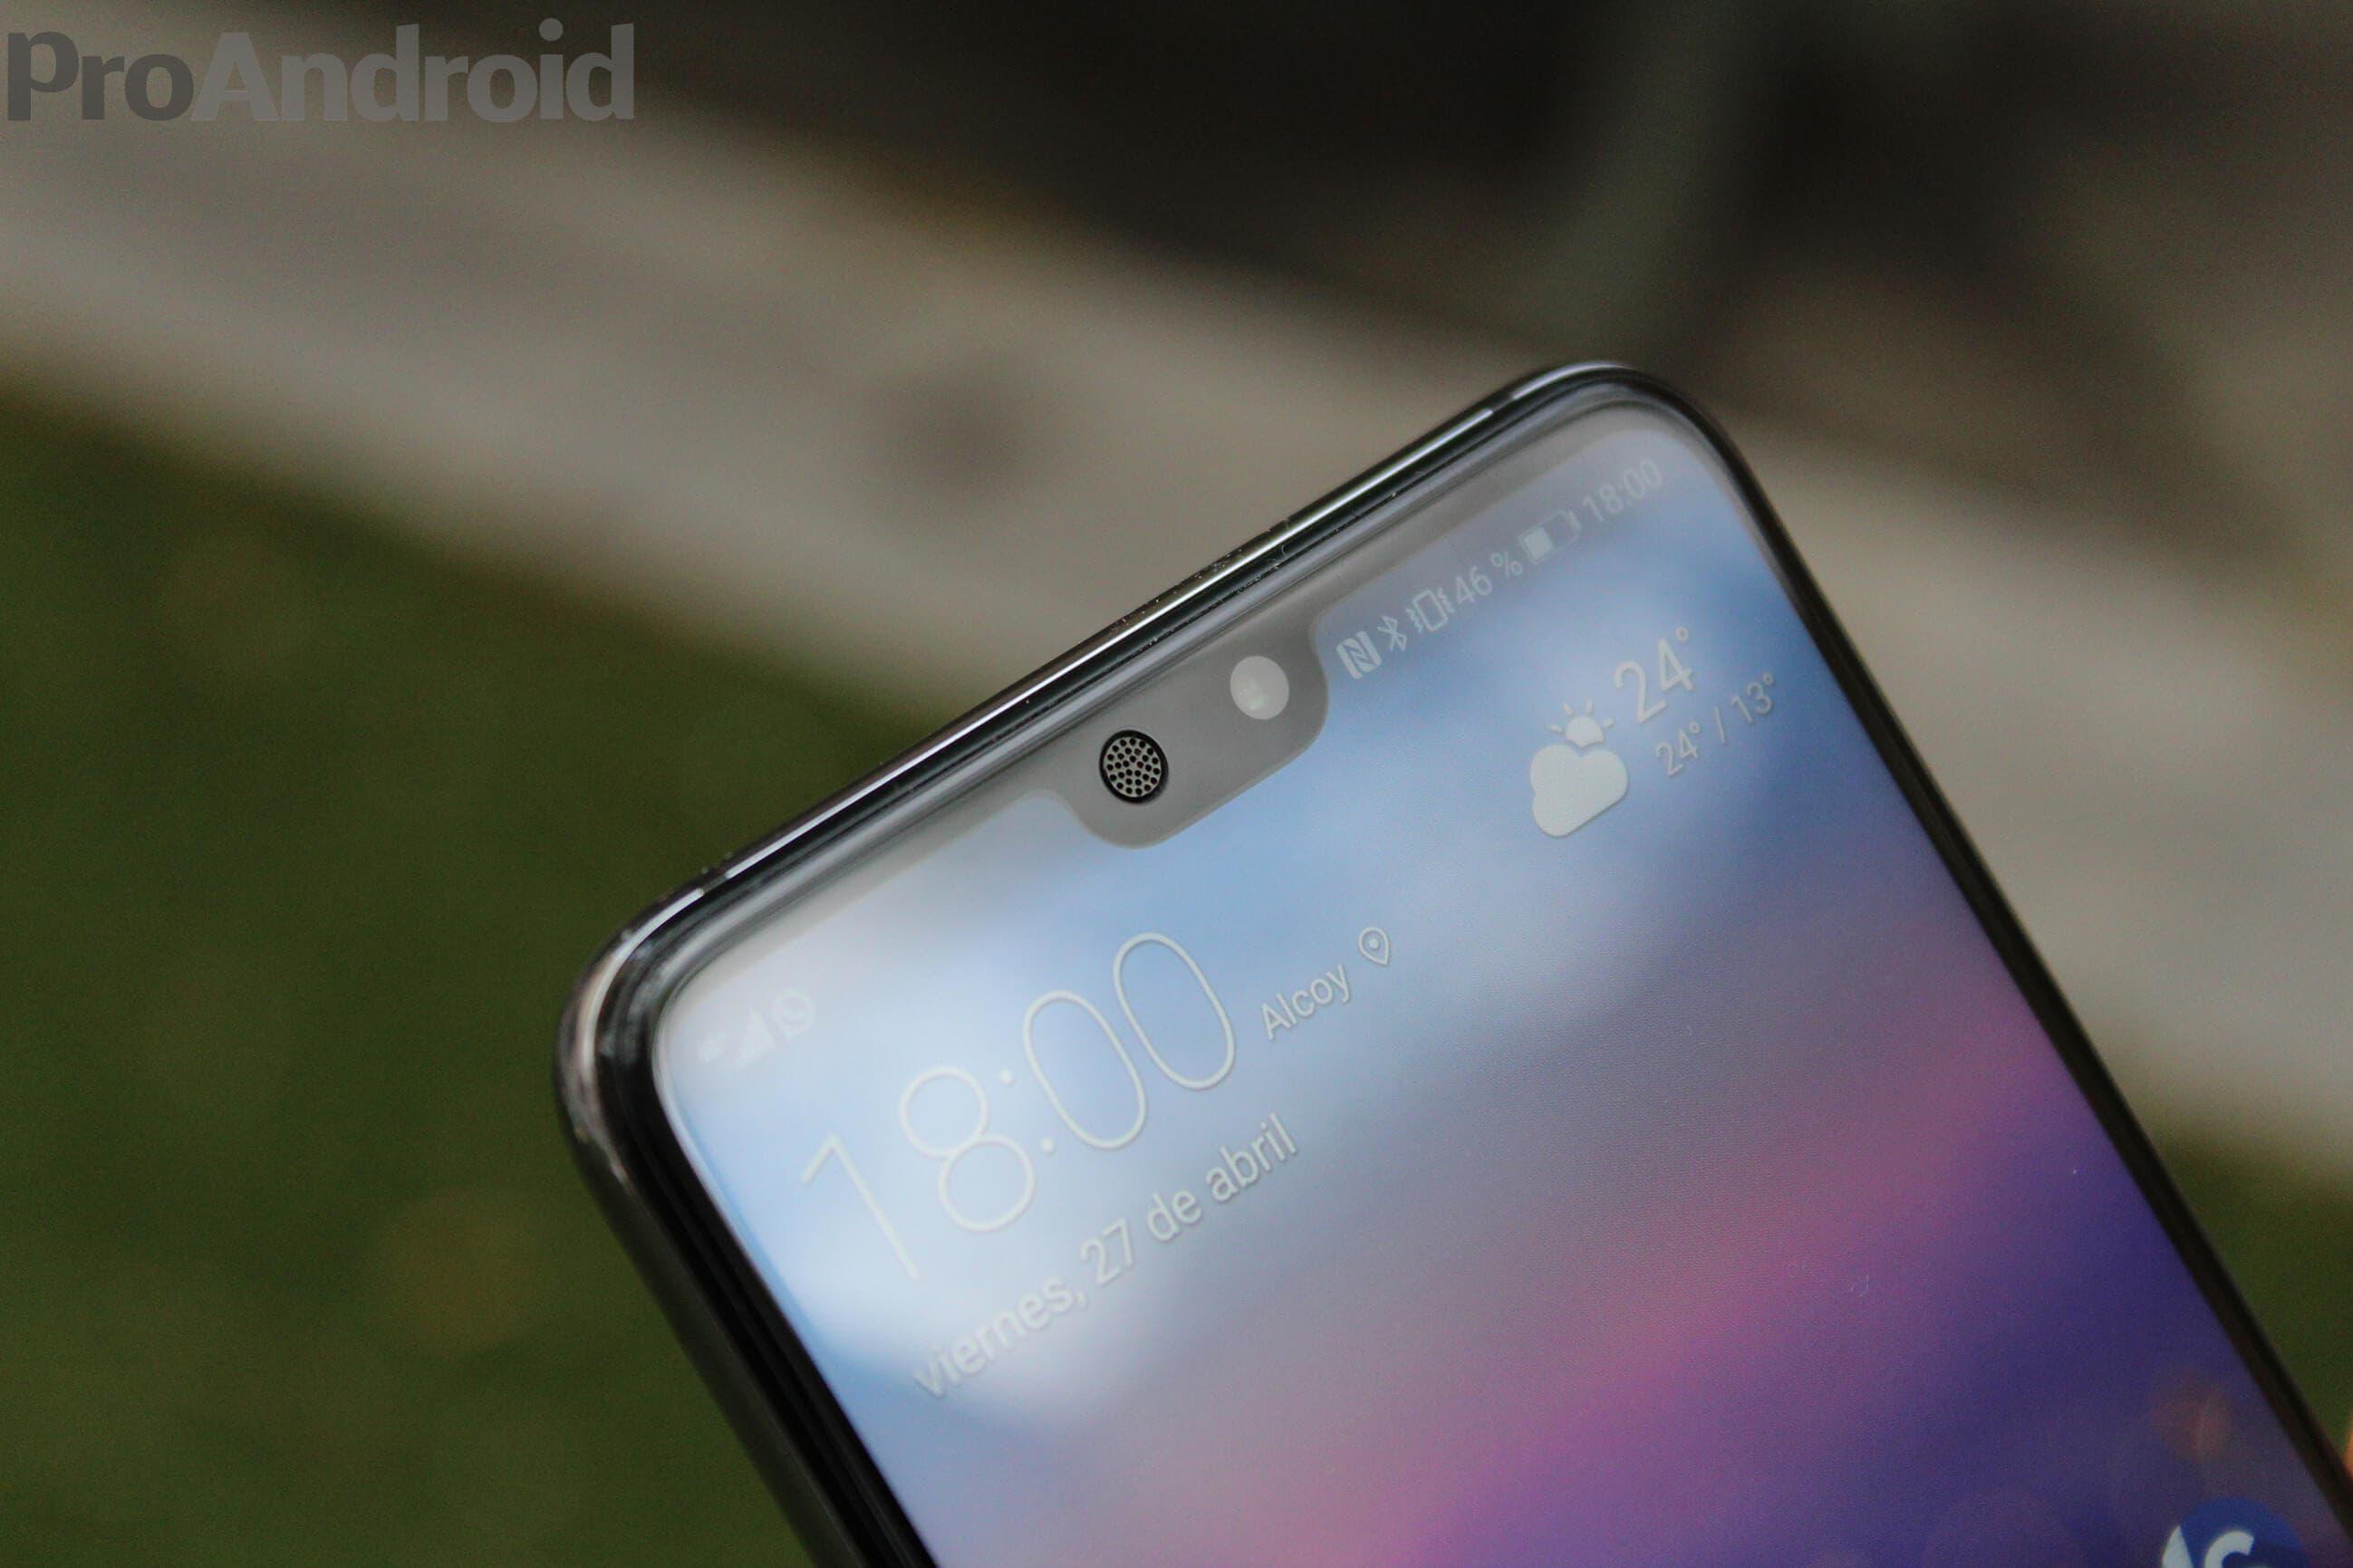 Los Huawei P20 y Mate 10 mucho más cerca de actualizar a Android 9.0 Pie